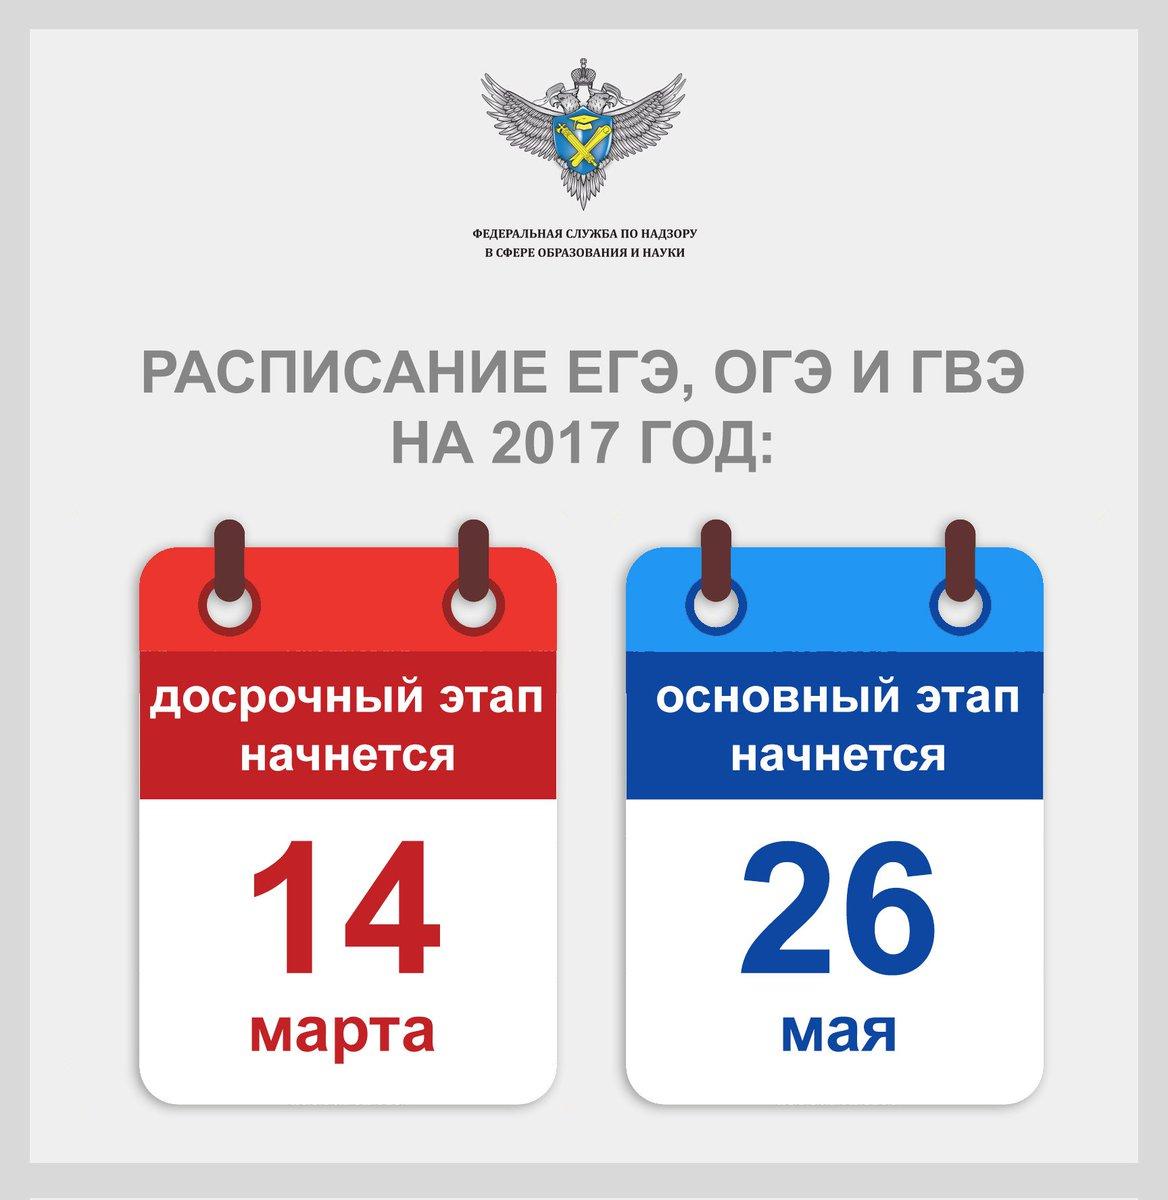 ЕГЭ 2017 - Обязательные предметы, изменения, новости, дата